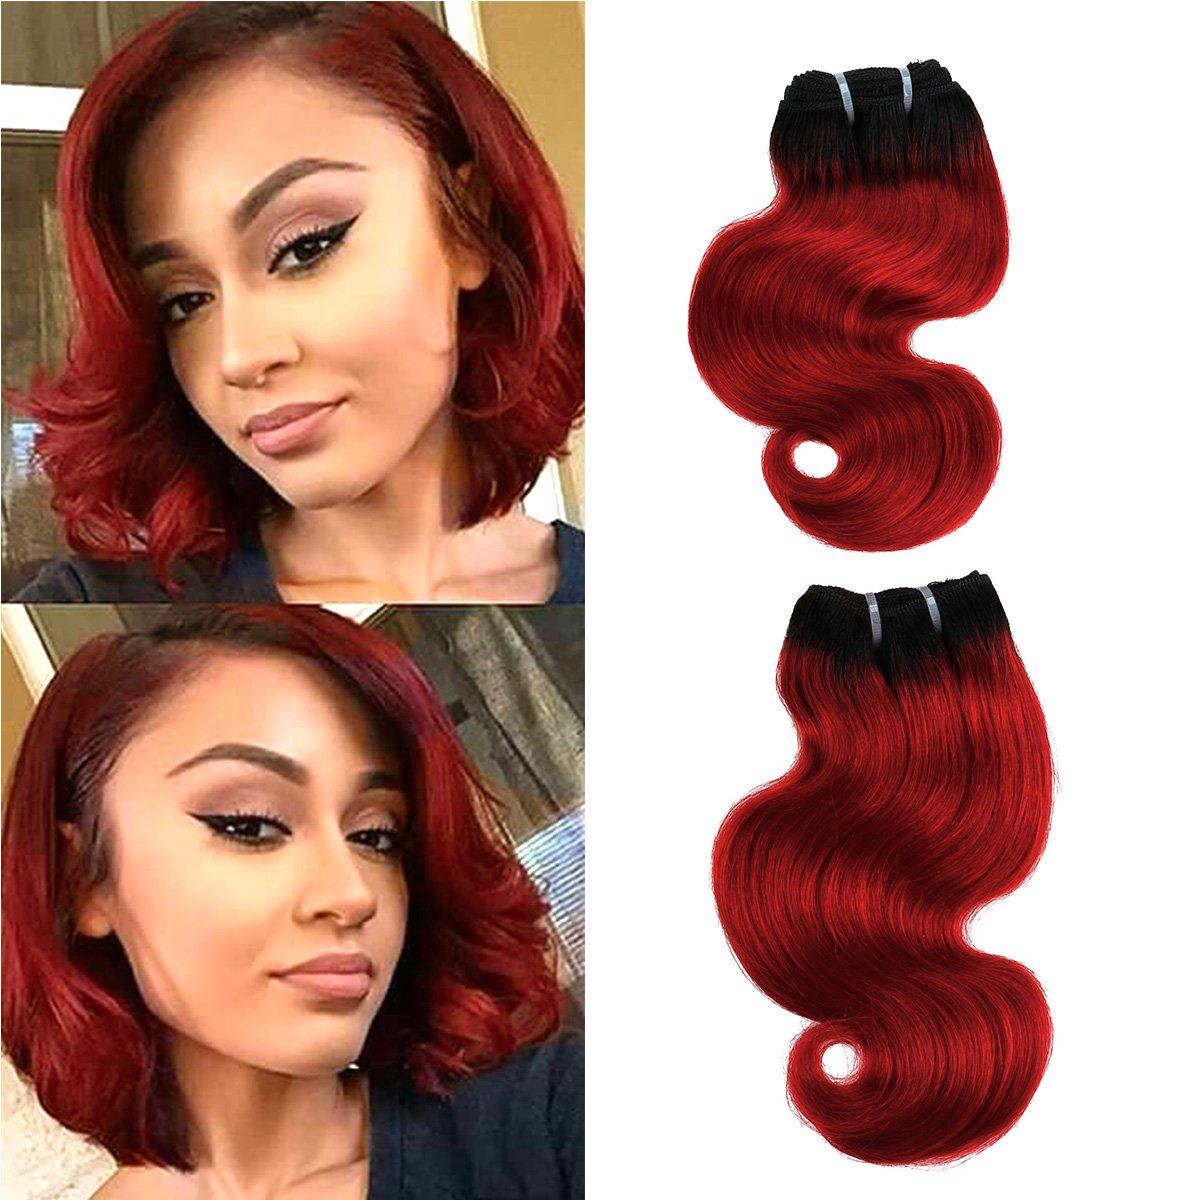 Amazon Fashion Line 4 Human Hair Bundles Bob Ombre Two Tone